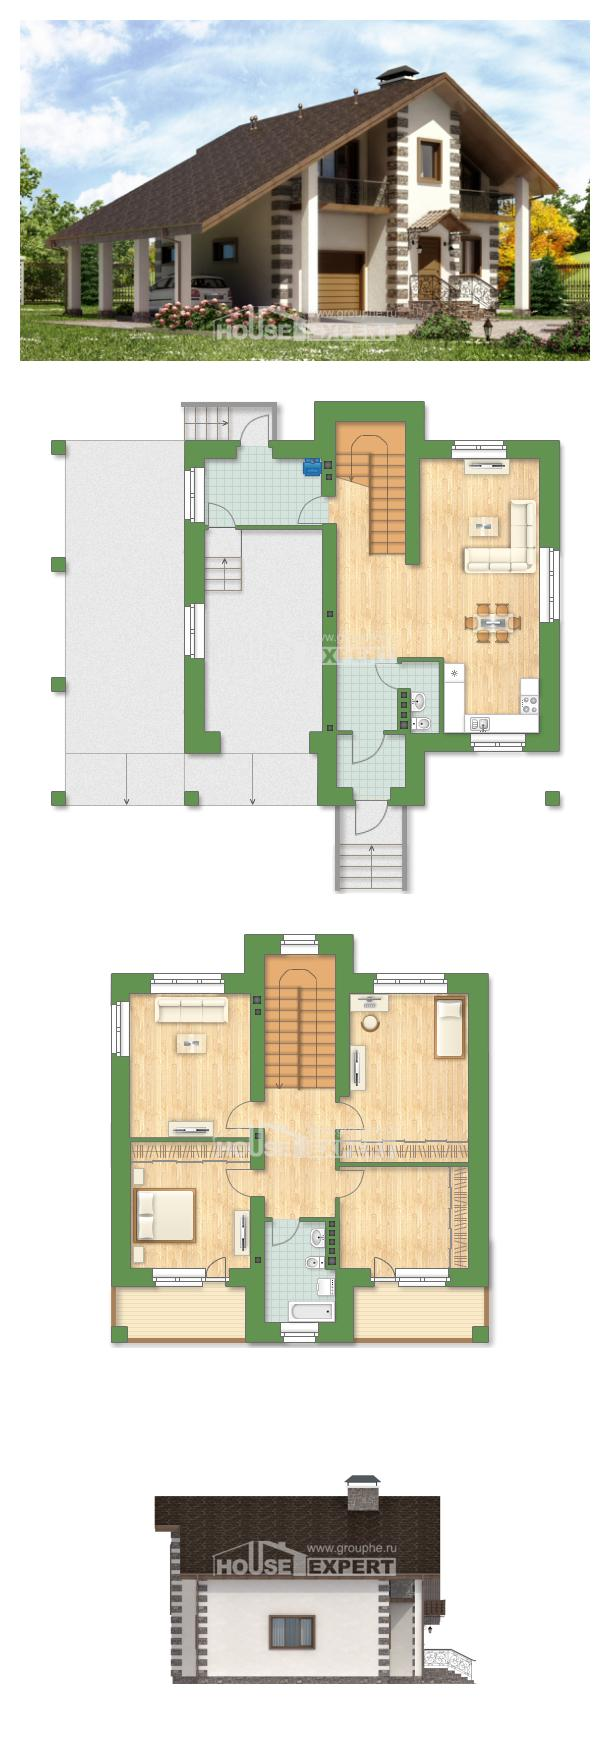 Plan 150-003-L   House Expert